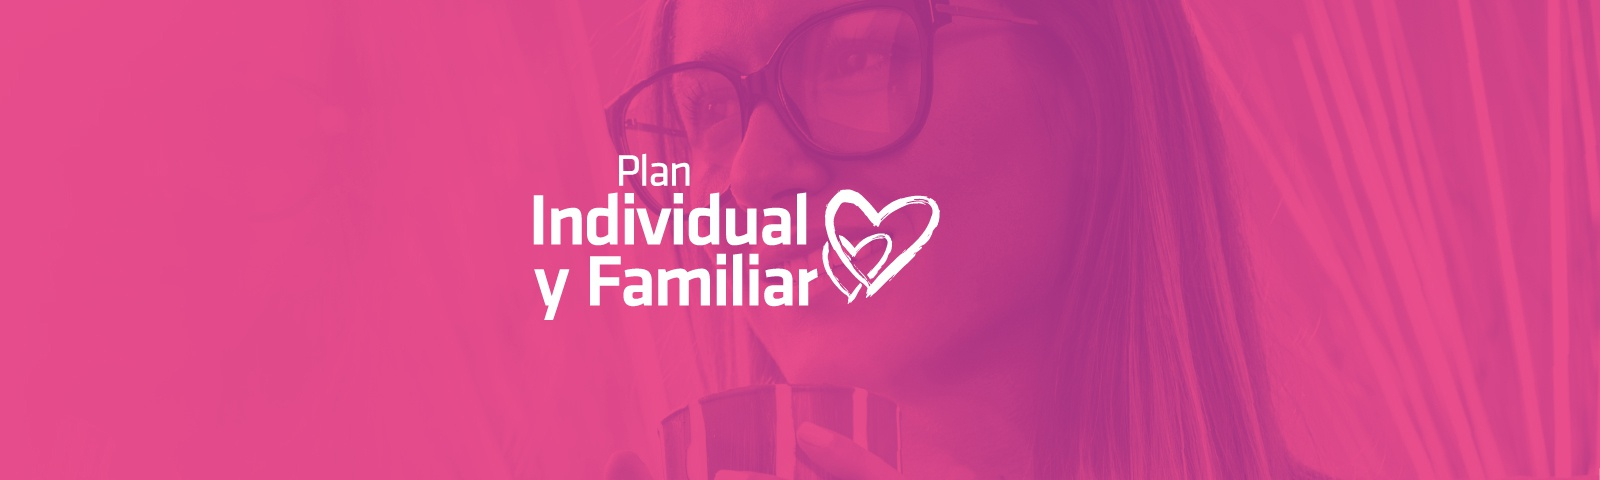 Individual y familiar